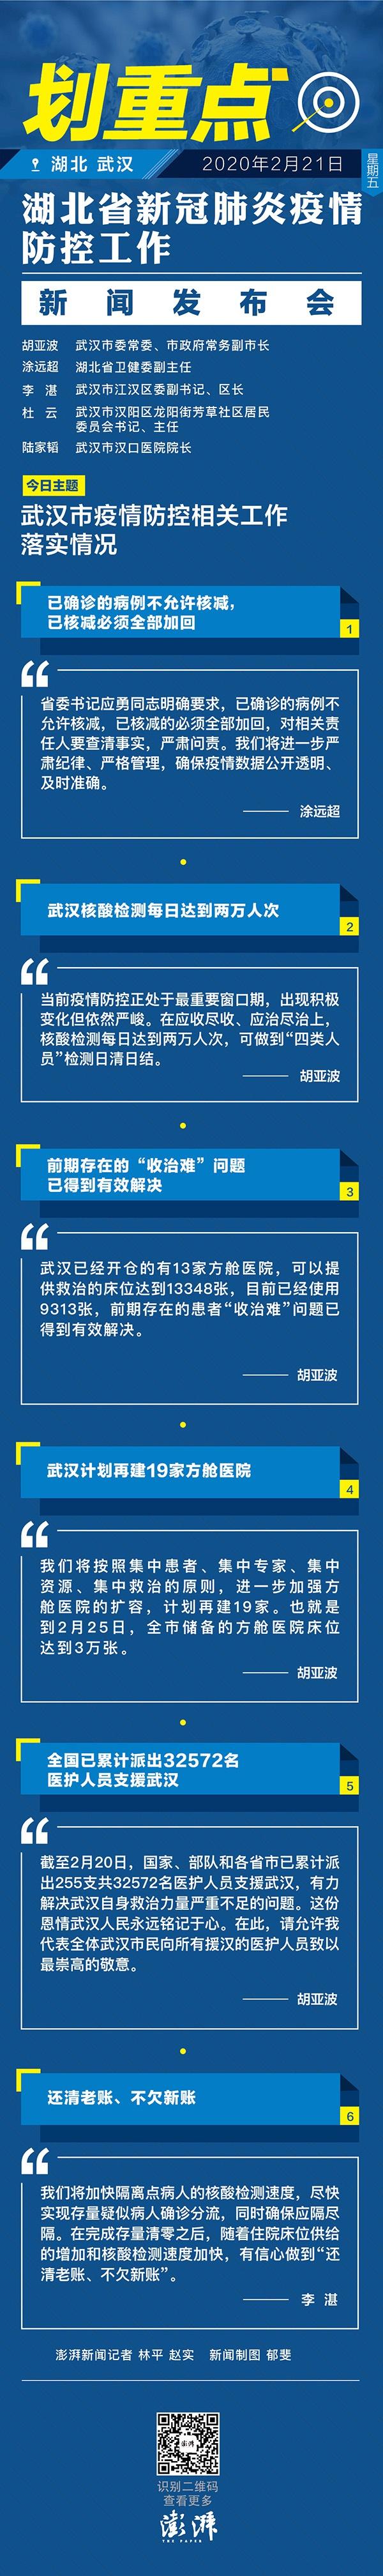 划重点|武汉市落实疫情防控相关工作的六大看点